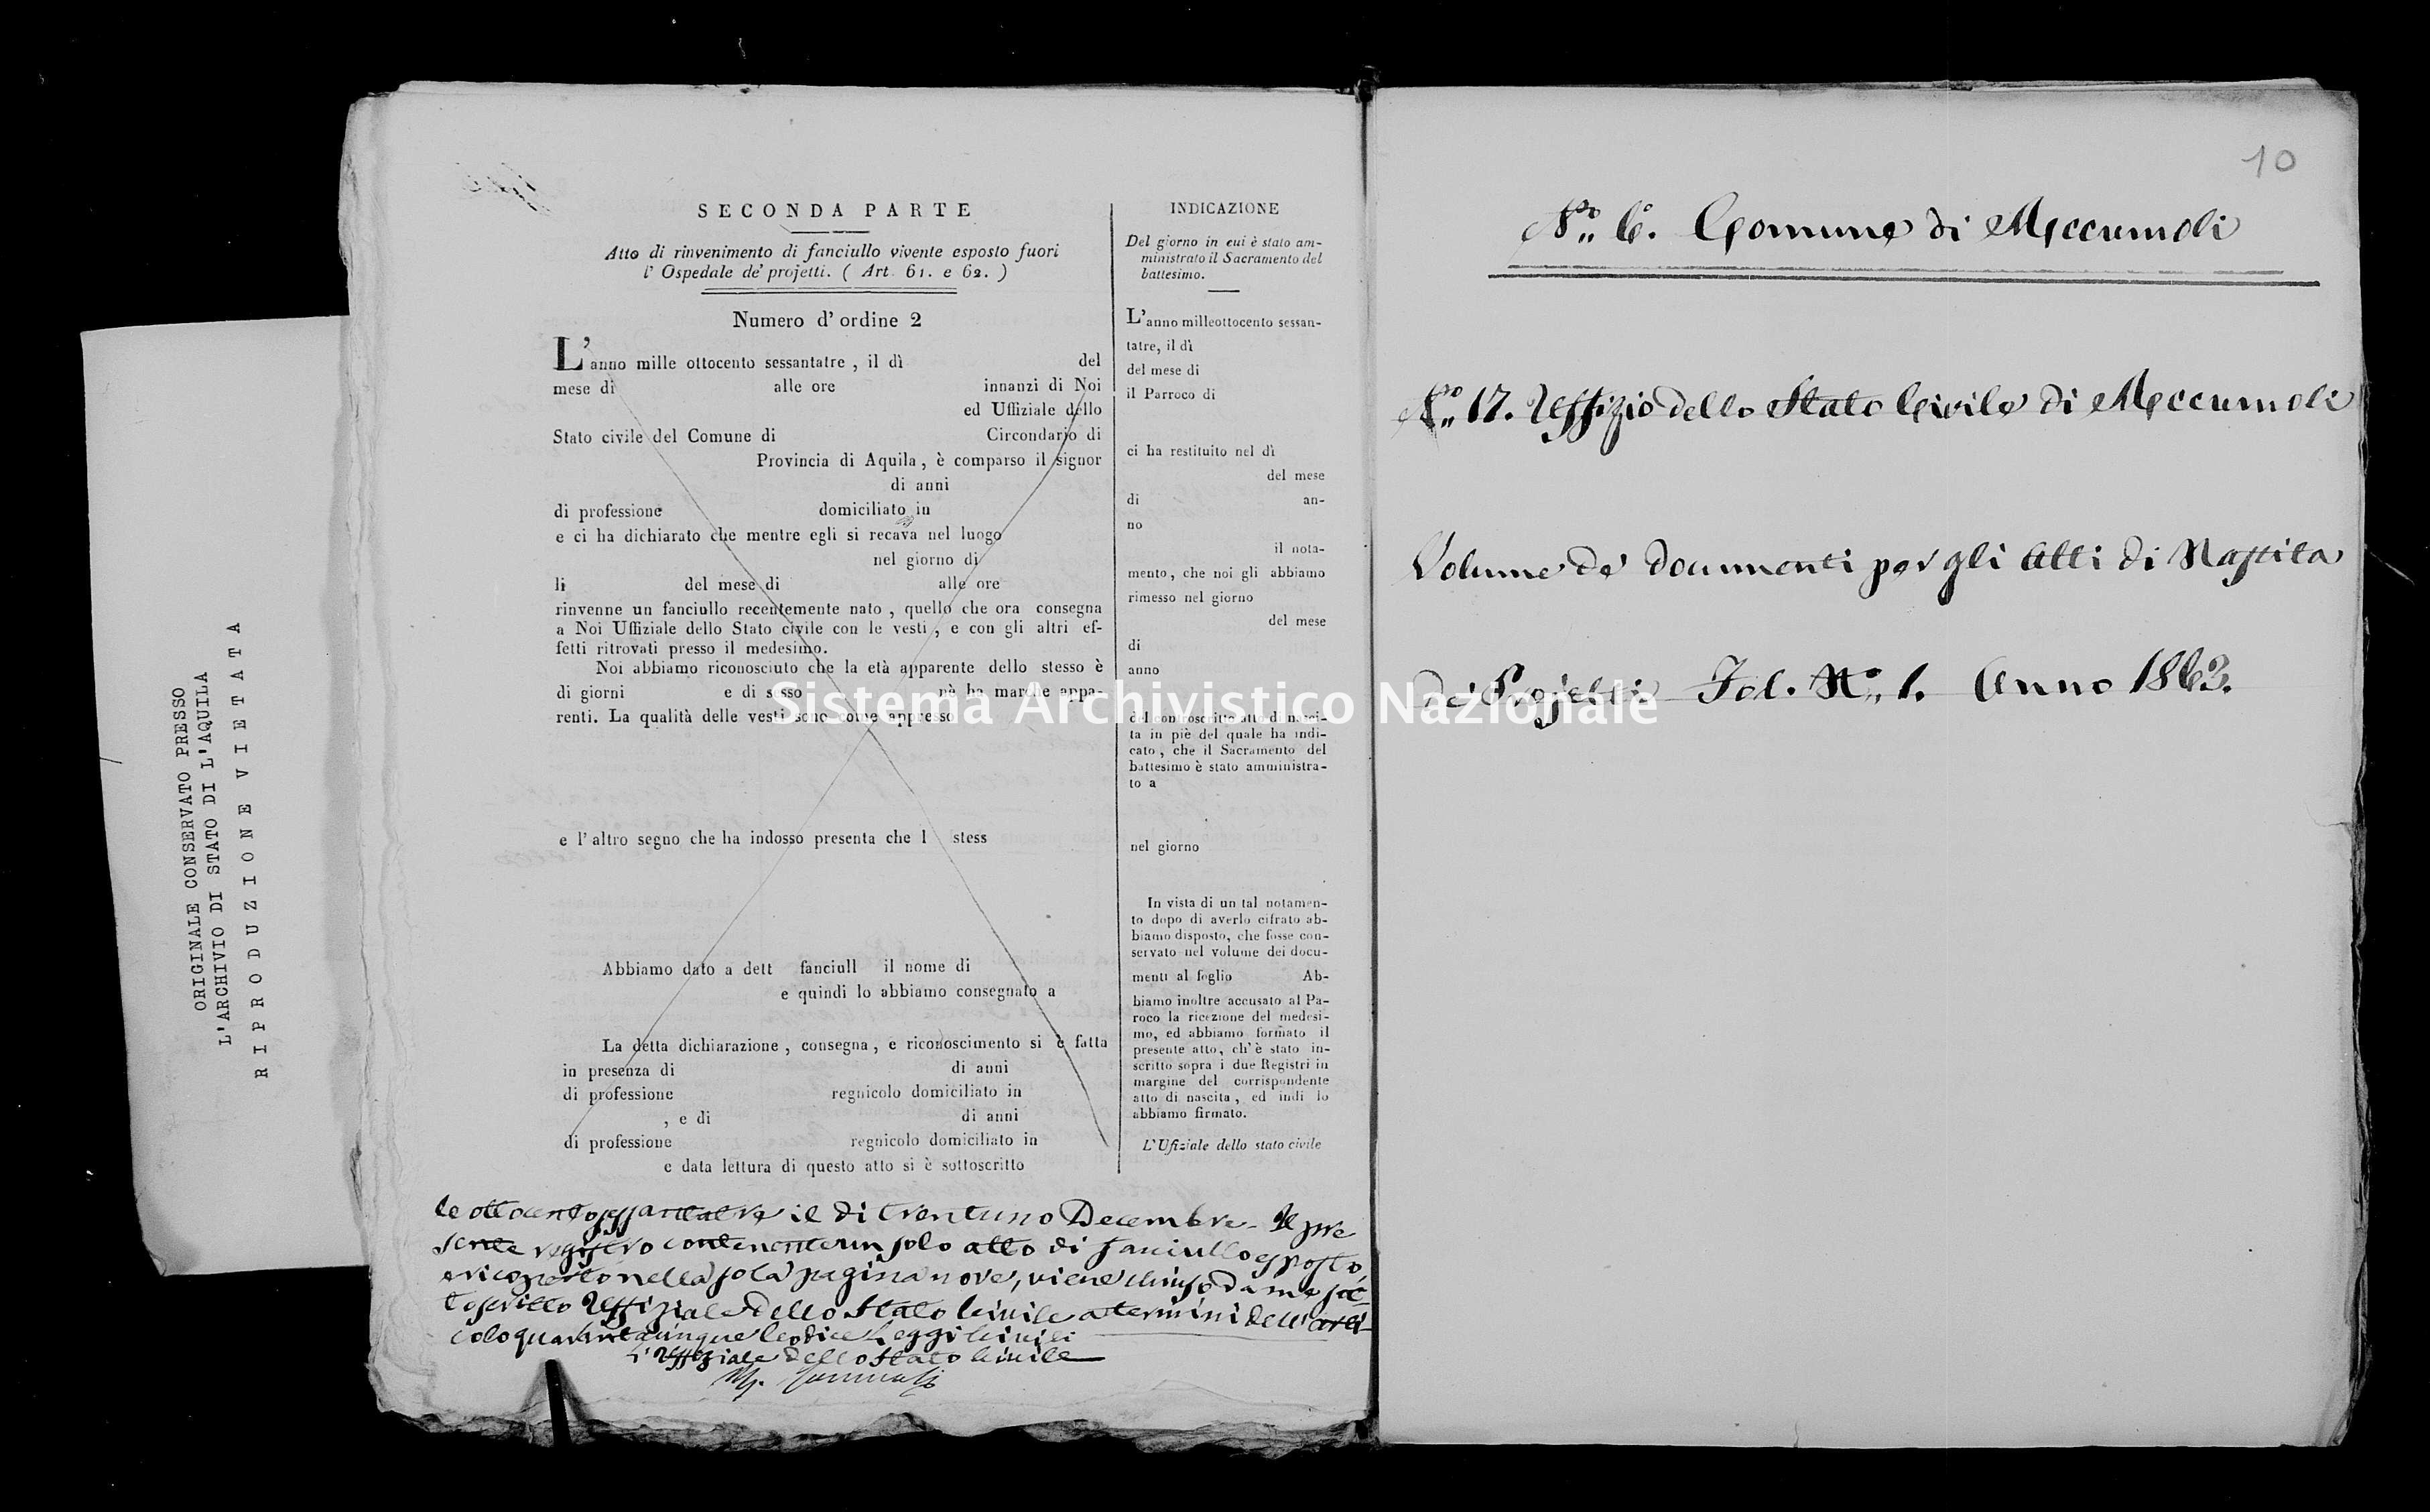 Archivio di stato di L'aquila - Stato civile italiano - Accumoli - Nati, battesimi esposti - 1863 - 3145 -